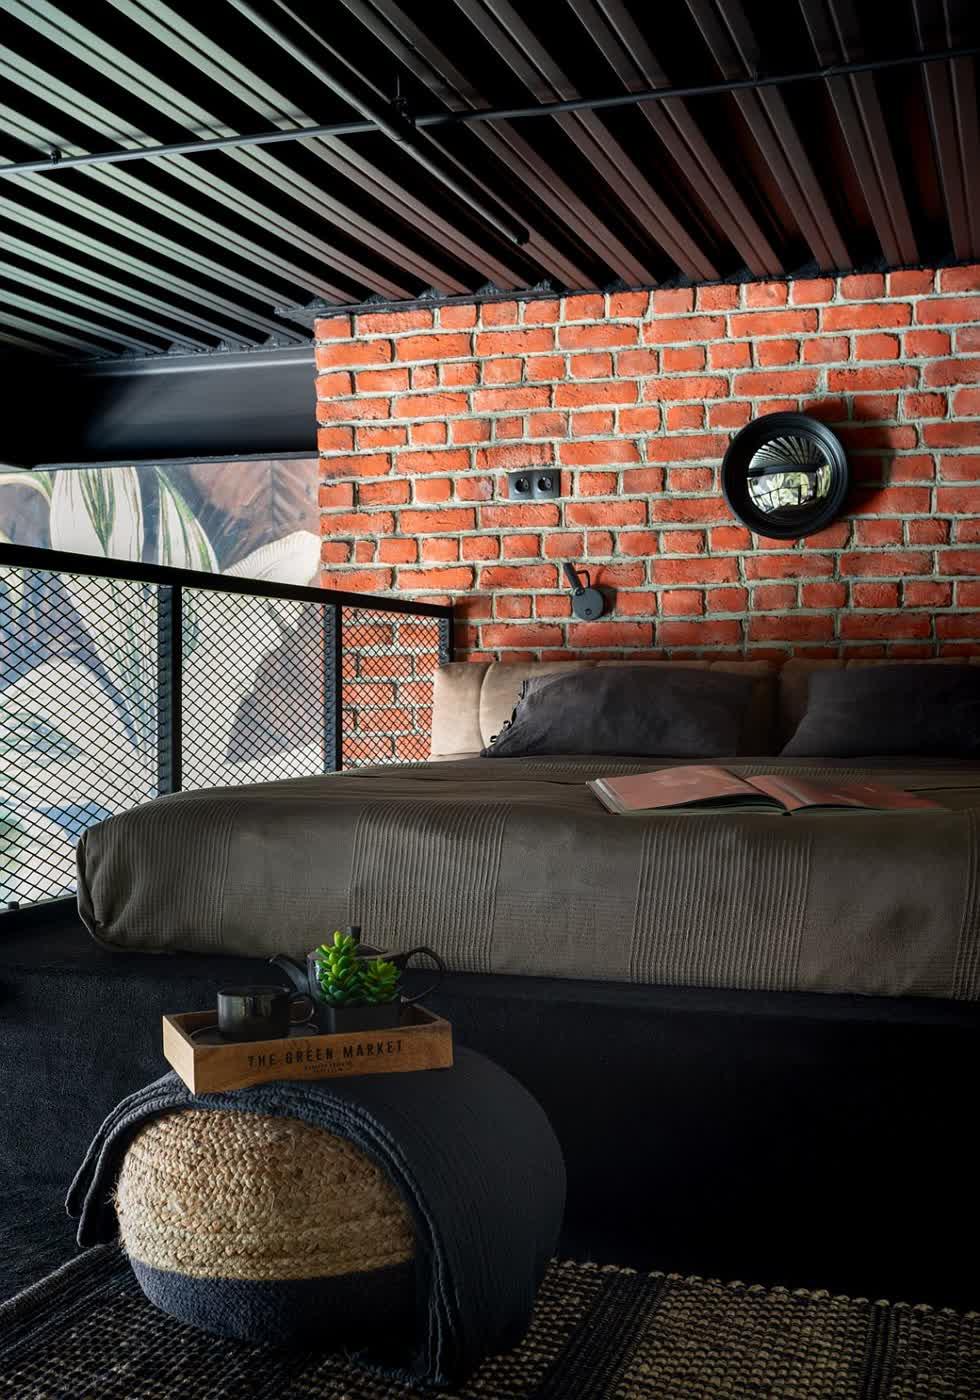 Tường gạch và lưới kim loại thông minh cung cấp sự tương phản kết cấu rộng rãi cho phòng ngủ công nghiệp nhỏ này.